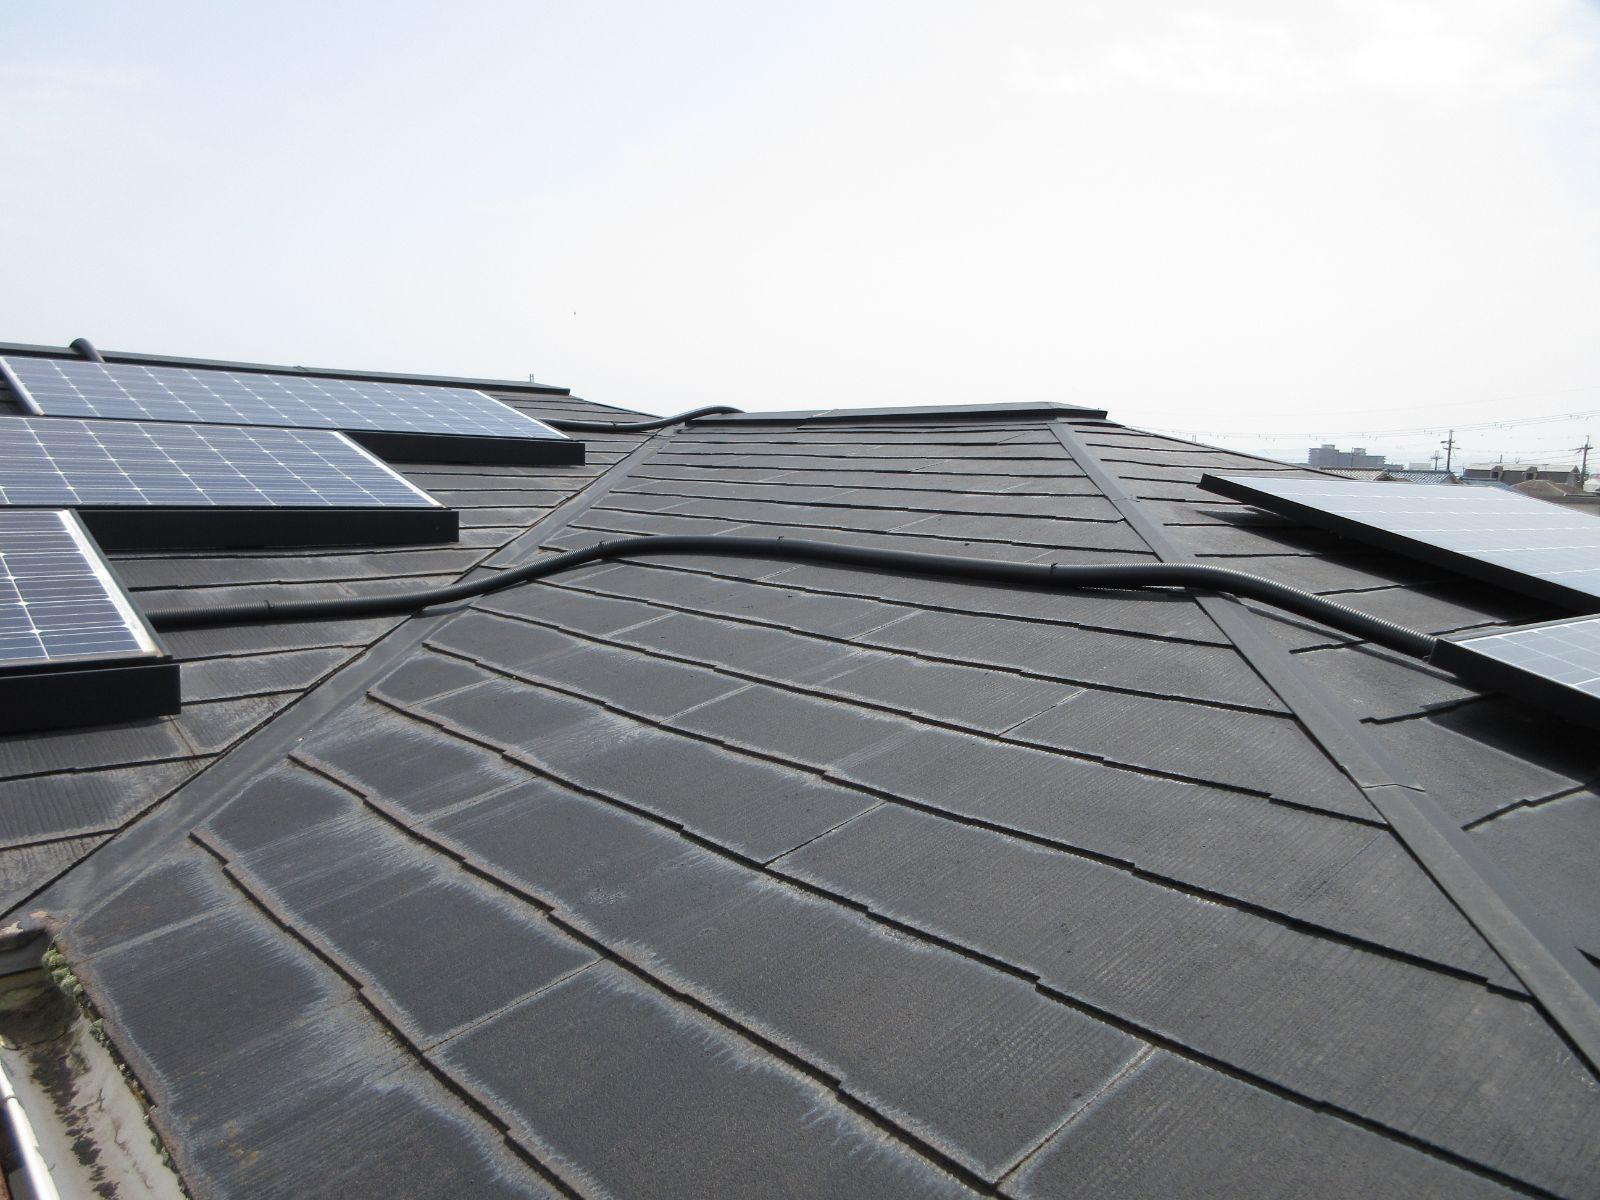 【和歌山市】T様邸 外壁・屋根塗装工事<br>『モダンに大変身♫新築のような美しさ✦』5